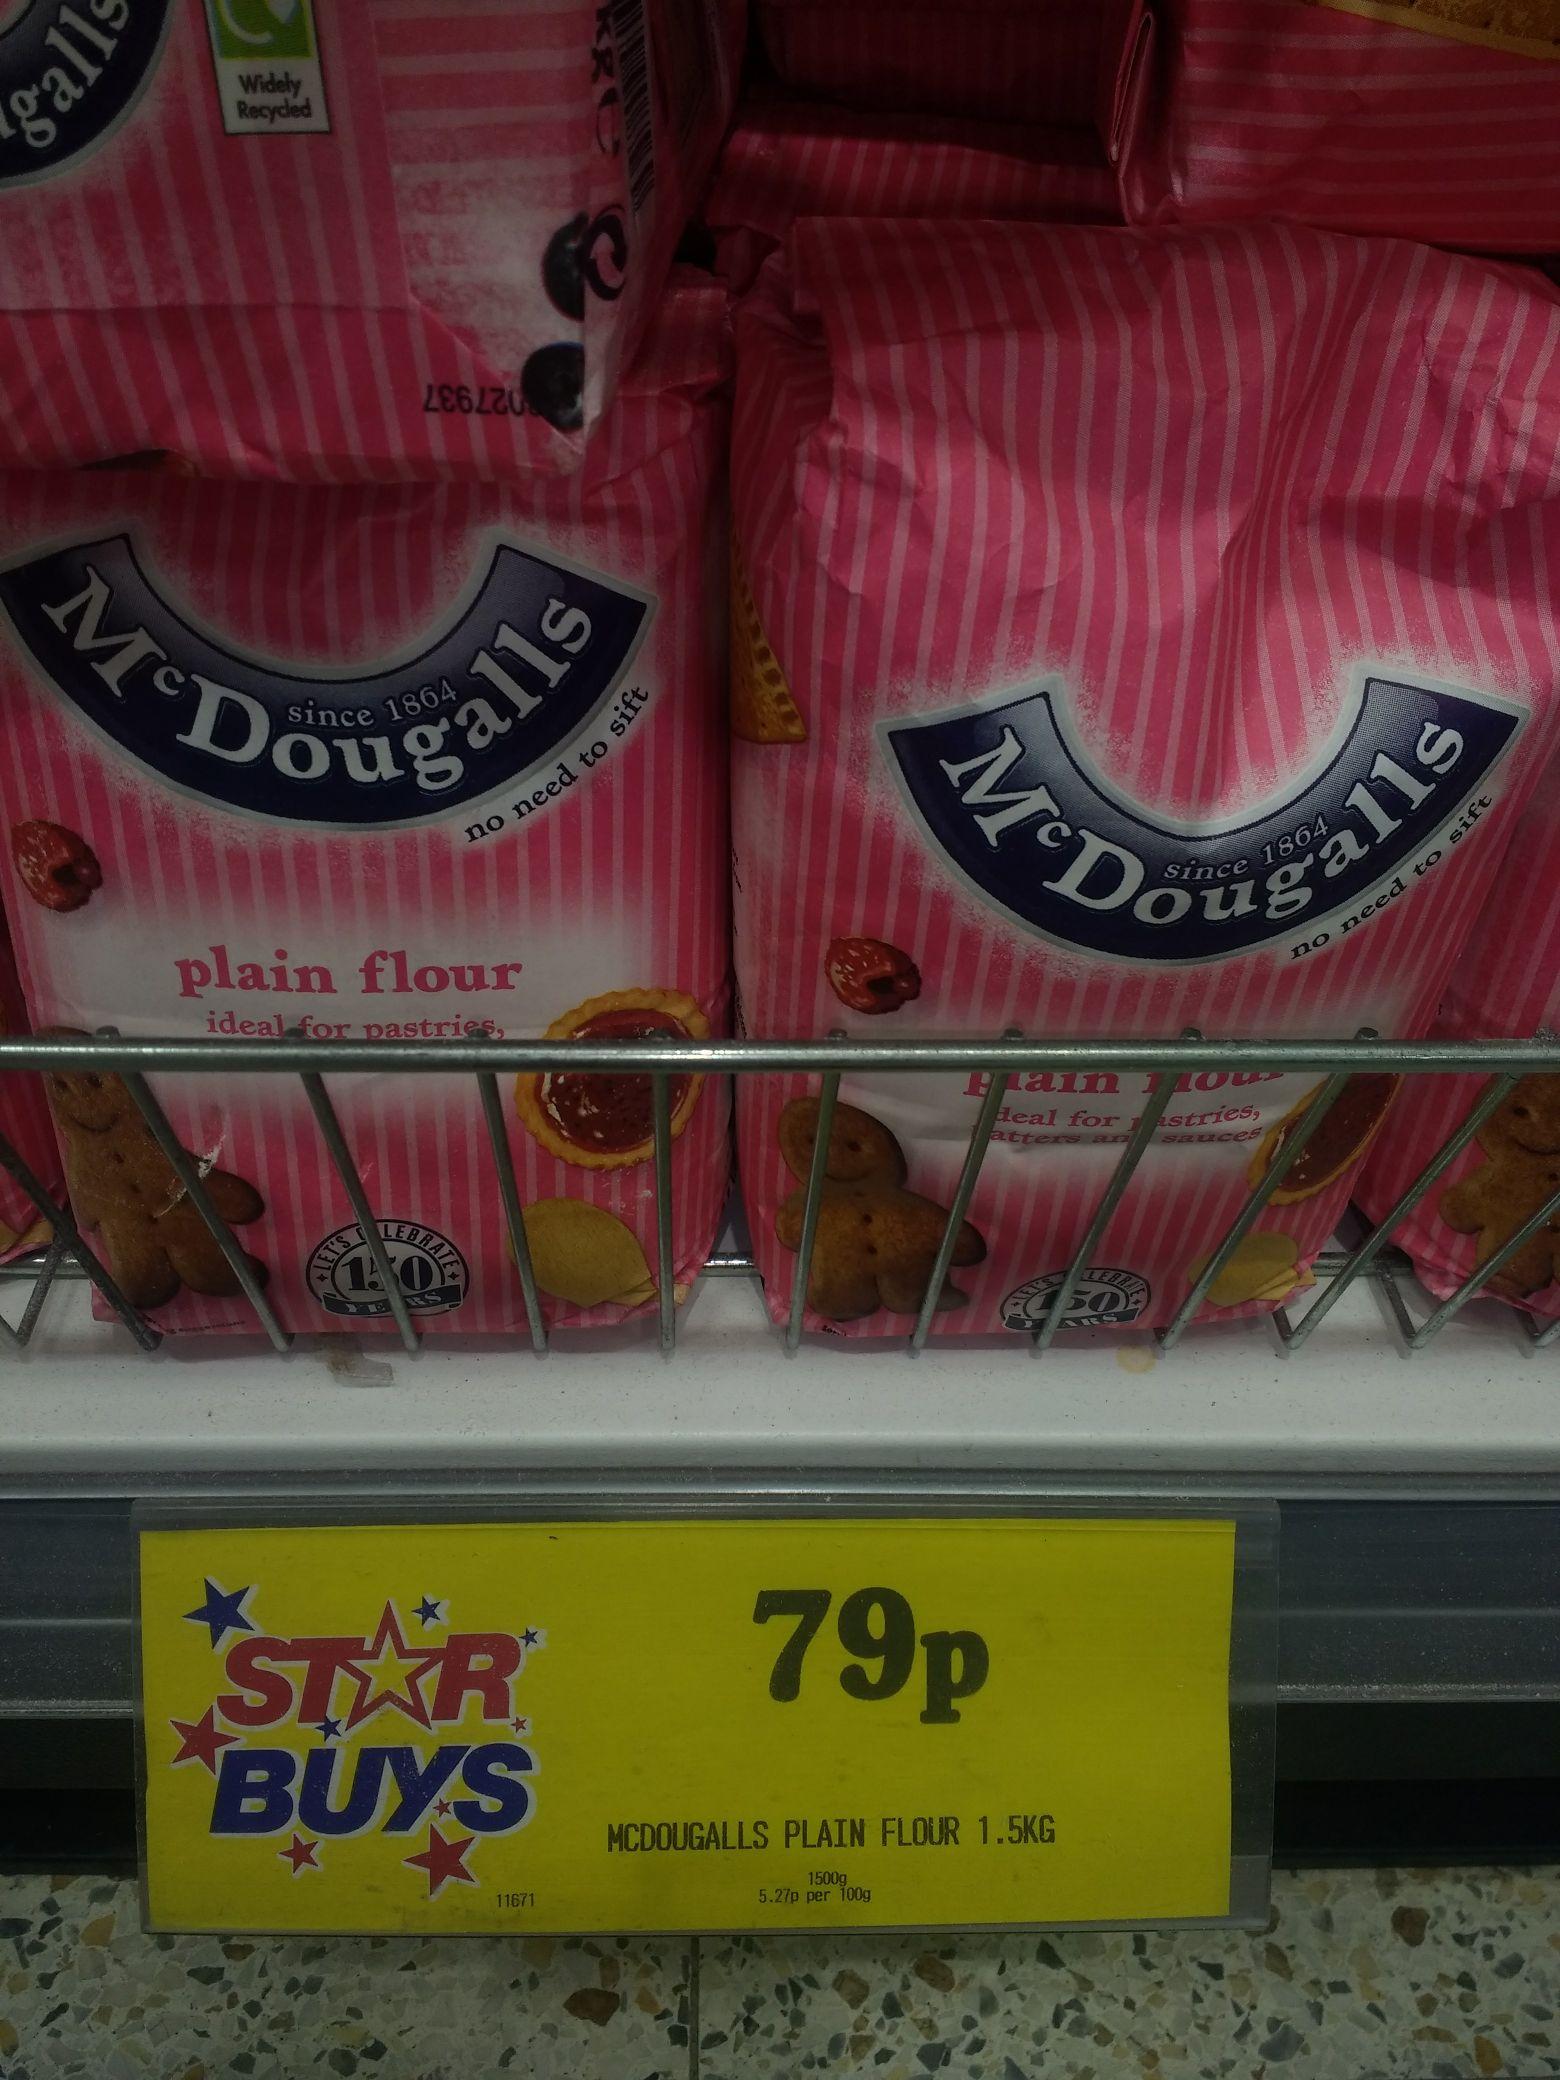 McDougalls Plain Flour 1.5 kg @ Home Bargains 79p